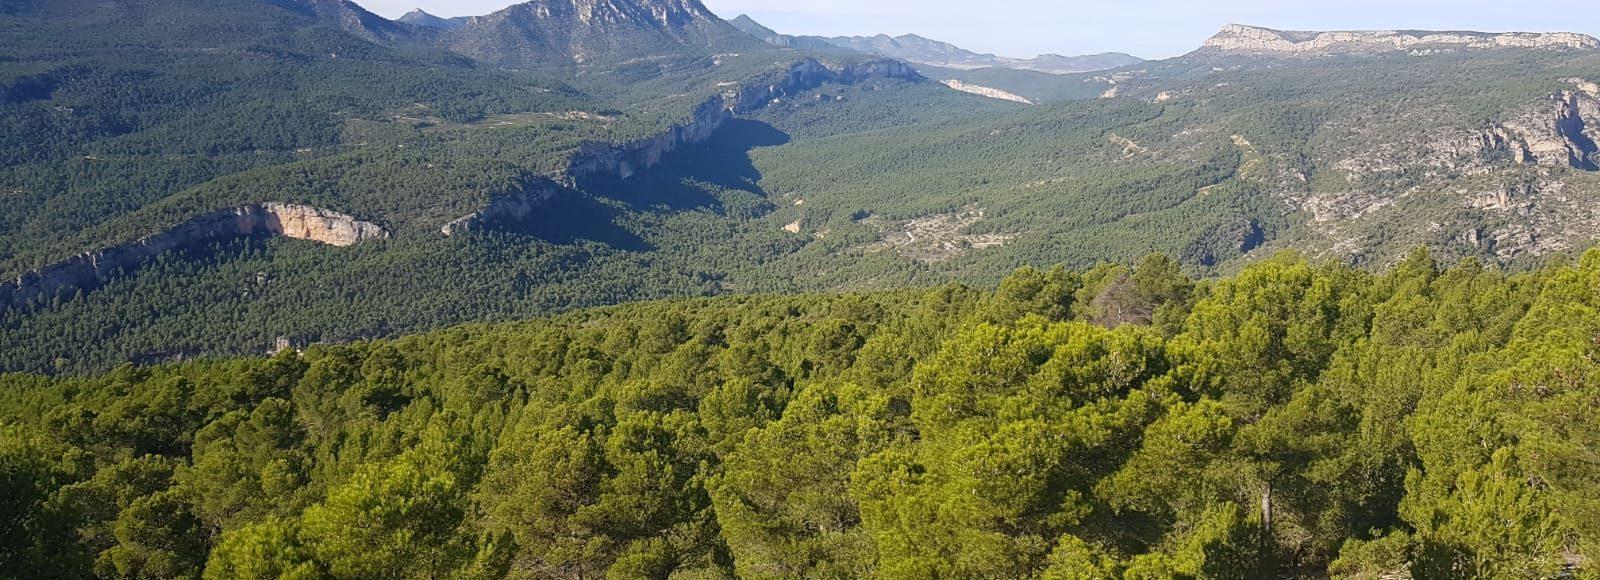 Aportación del Grupo Operativo Biomasmur a los objetivos perseguidos en la COP 25